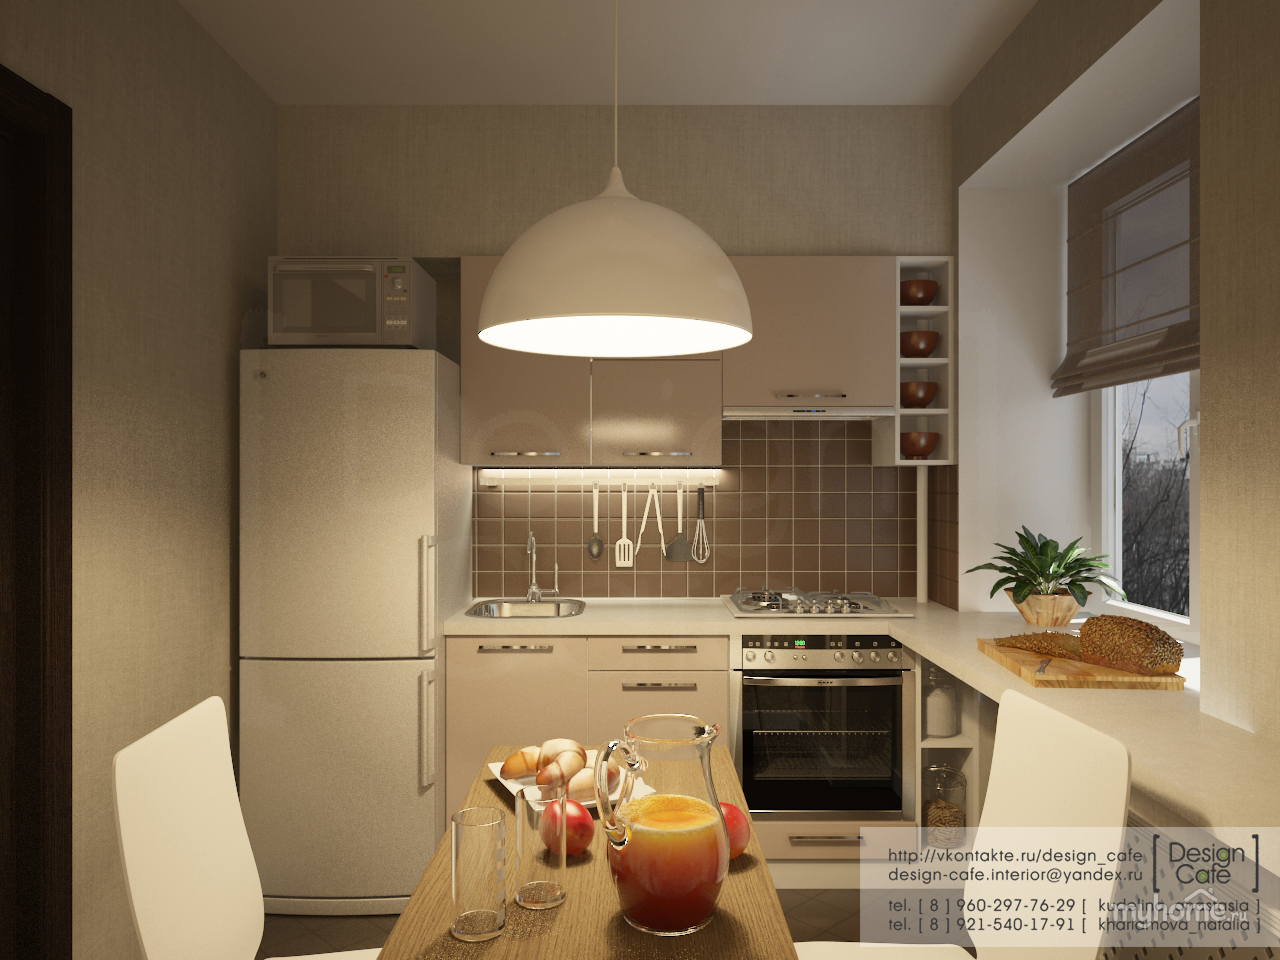 Холодильник в маленькой кухне дизайн